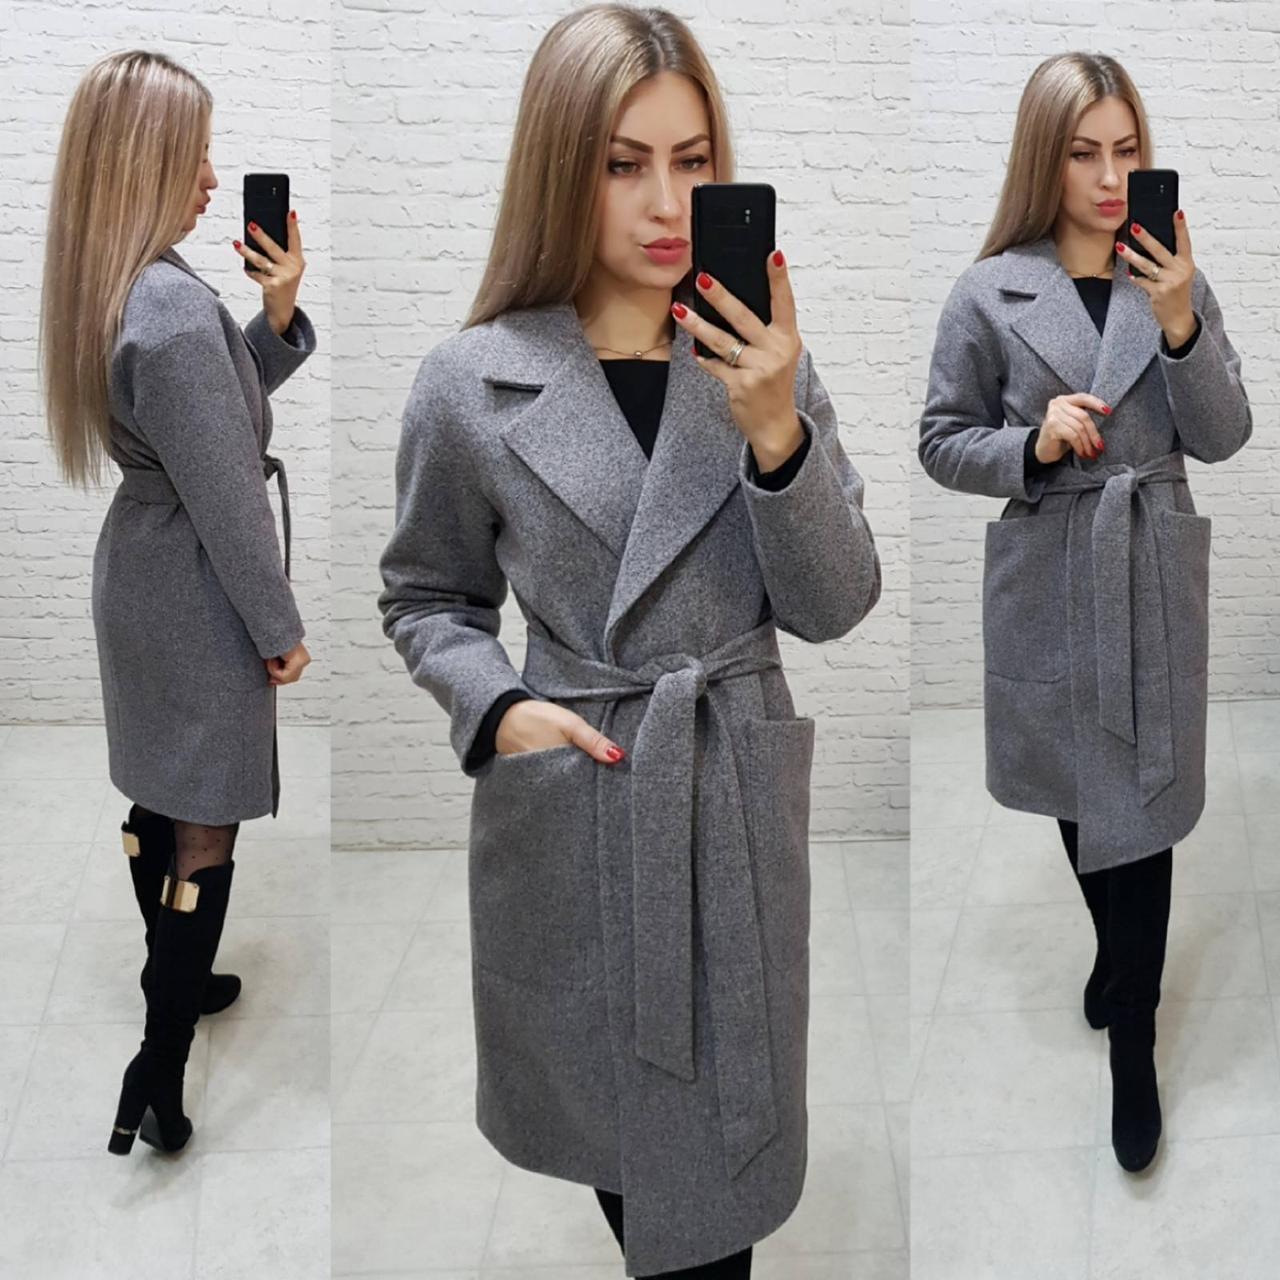 Кашемірове пальто утеплене на запах з кишенями,арт 175, колір сірий (8)